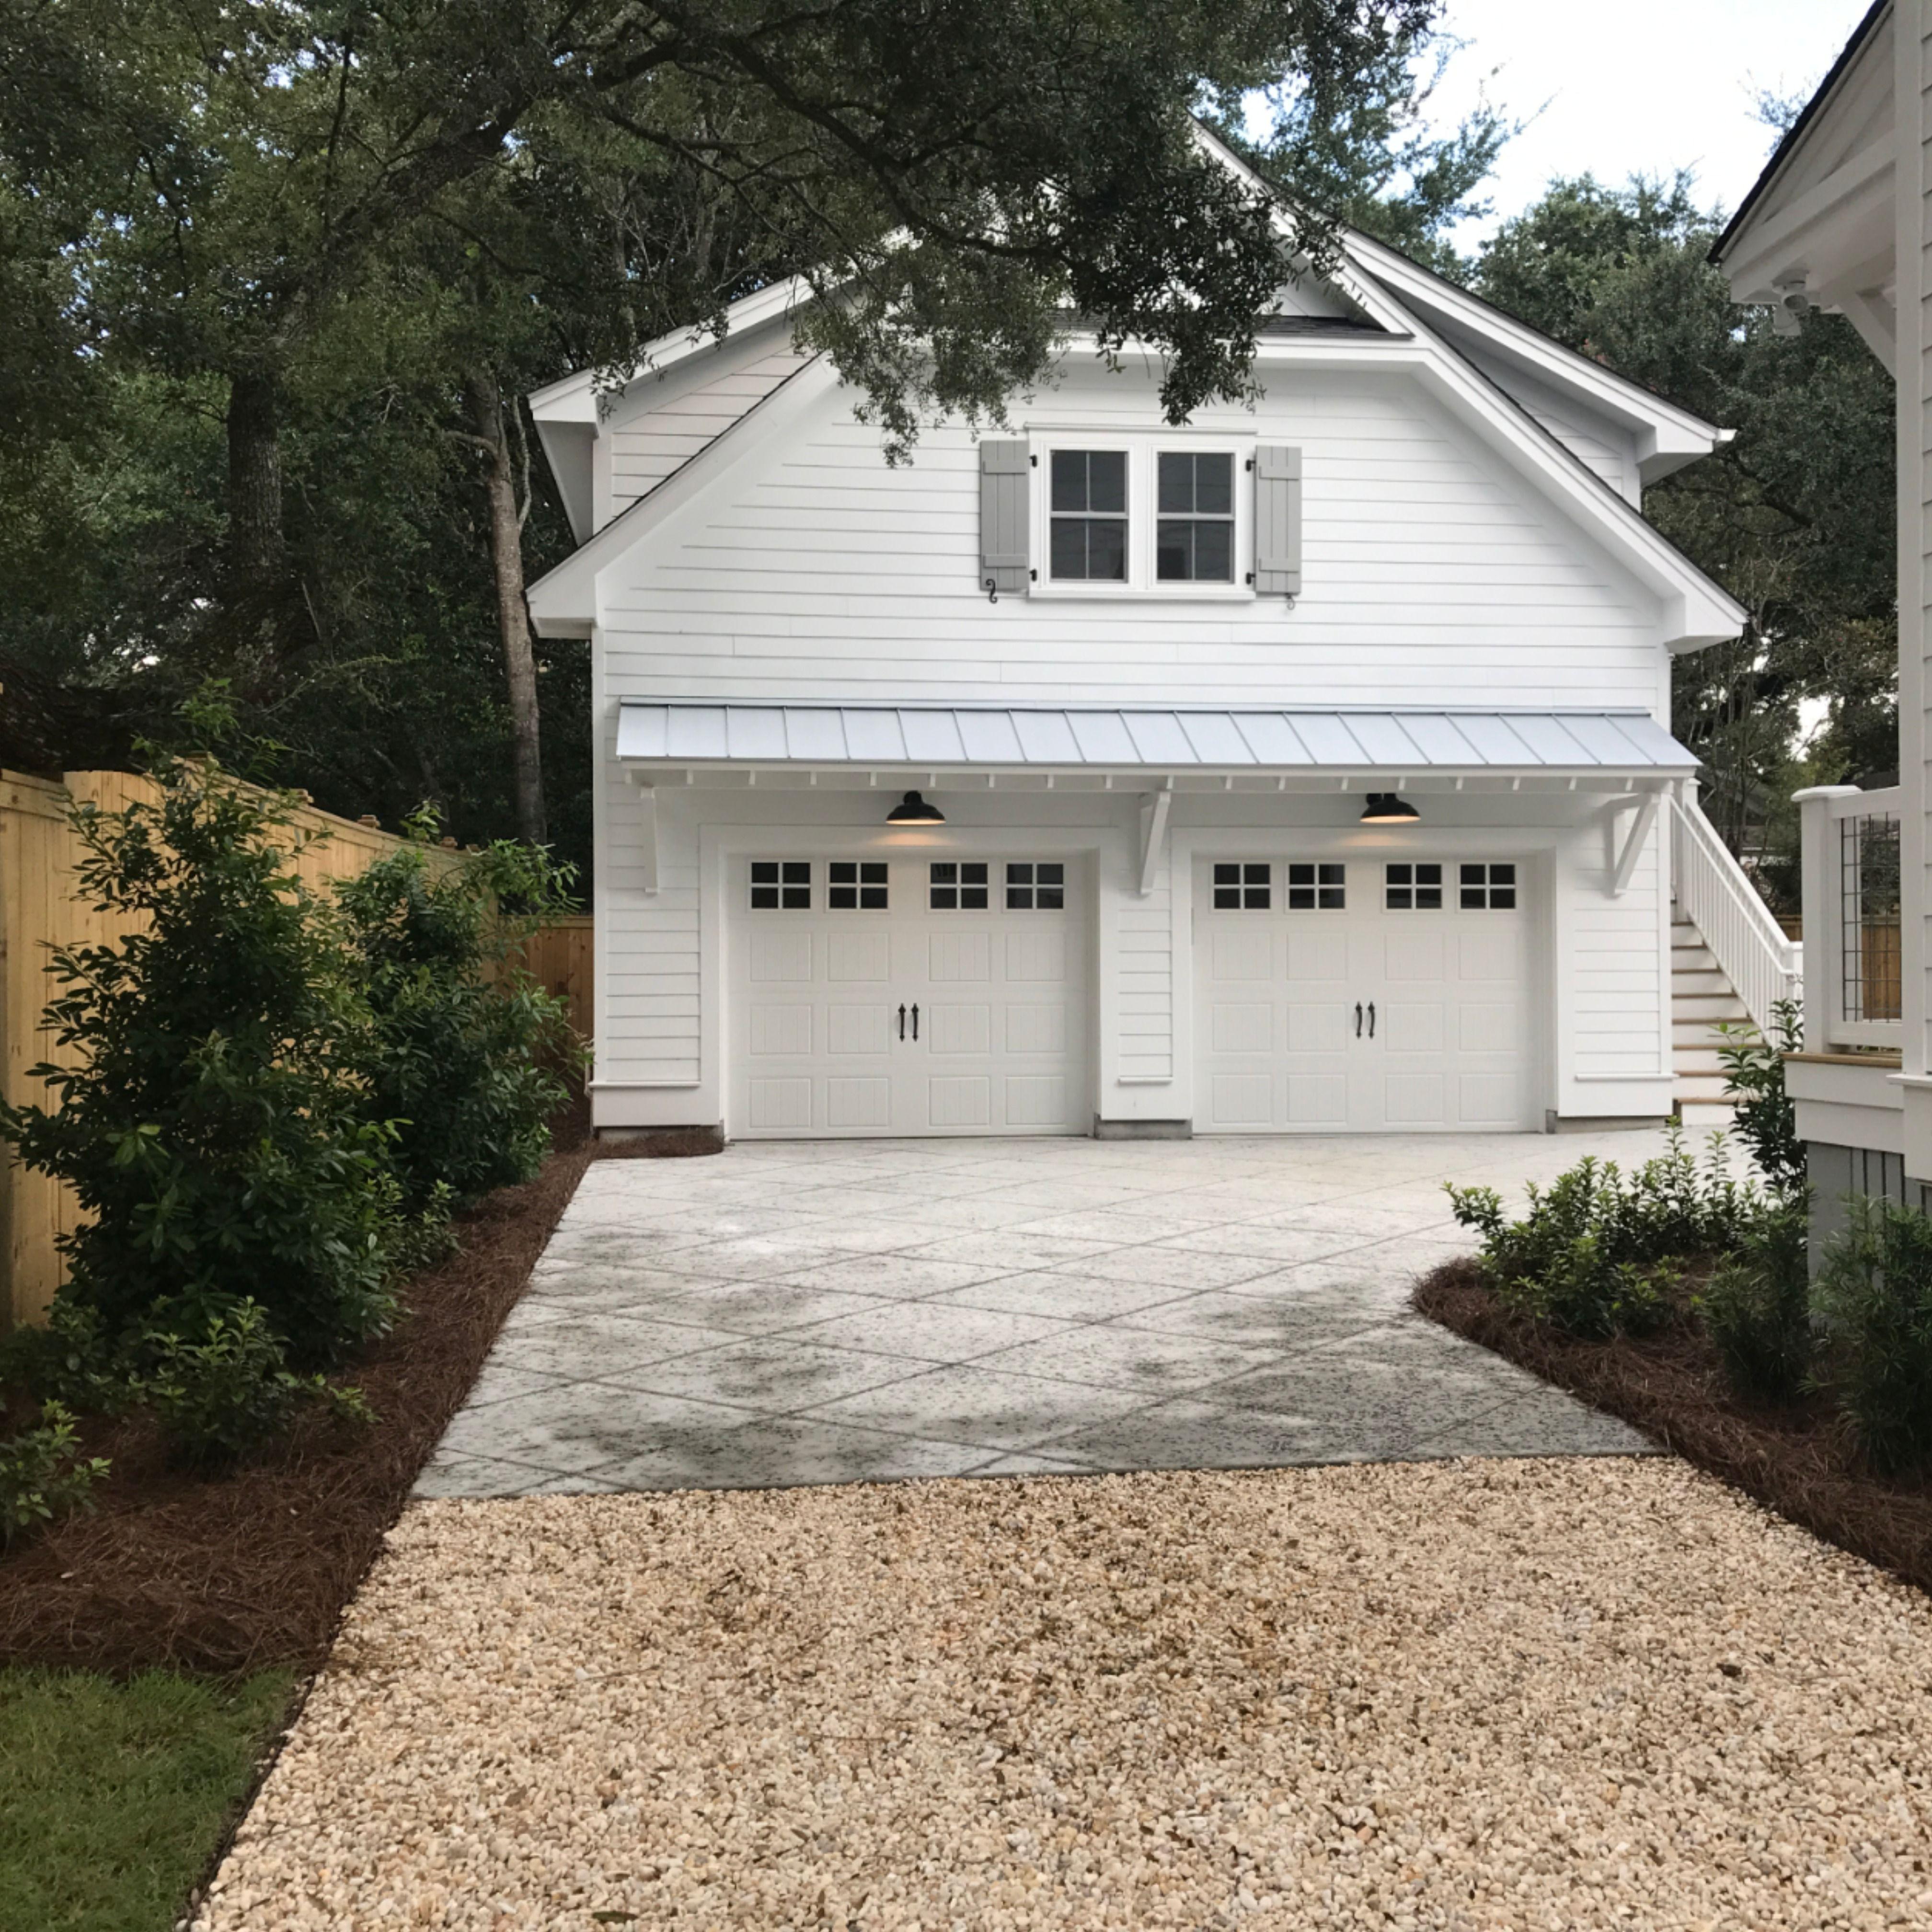 Winthrop Garage Adu Plan 1 Bedroom Garage Guest House Garage Loft Above Garage Apartment